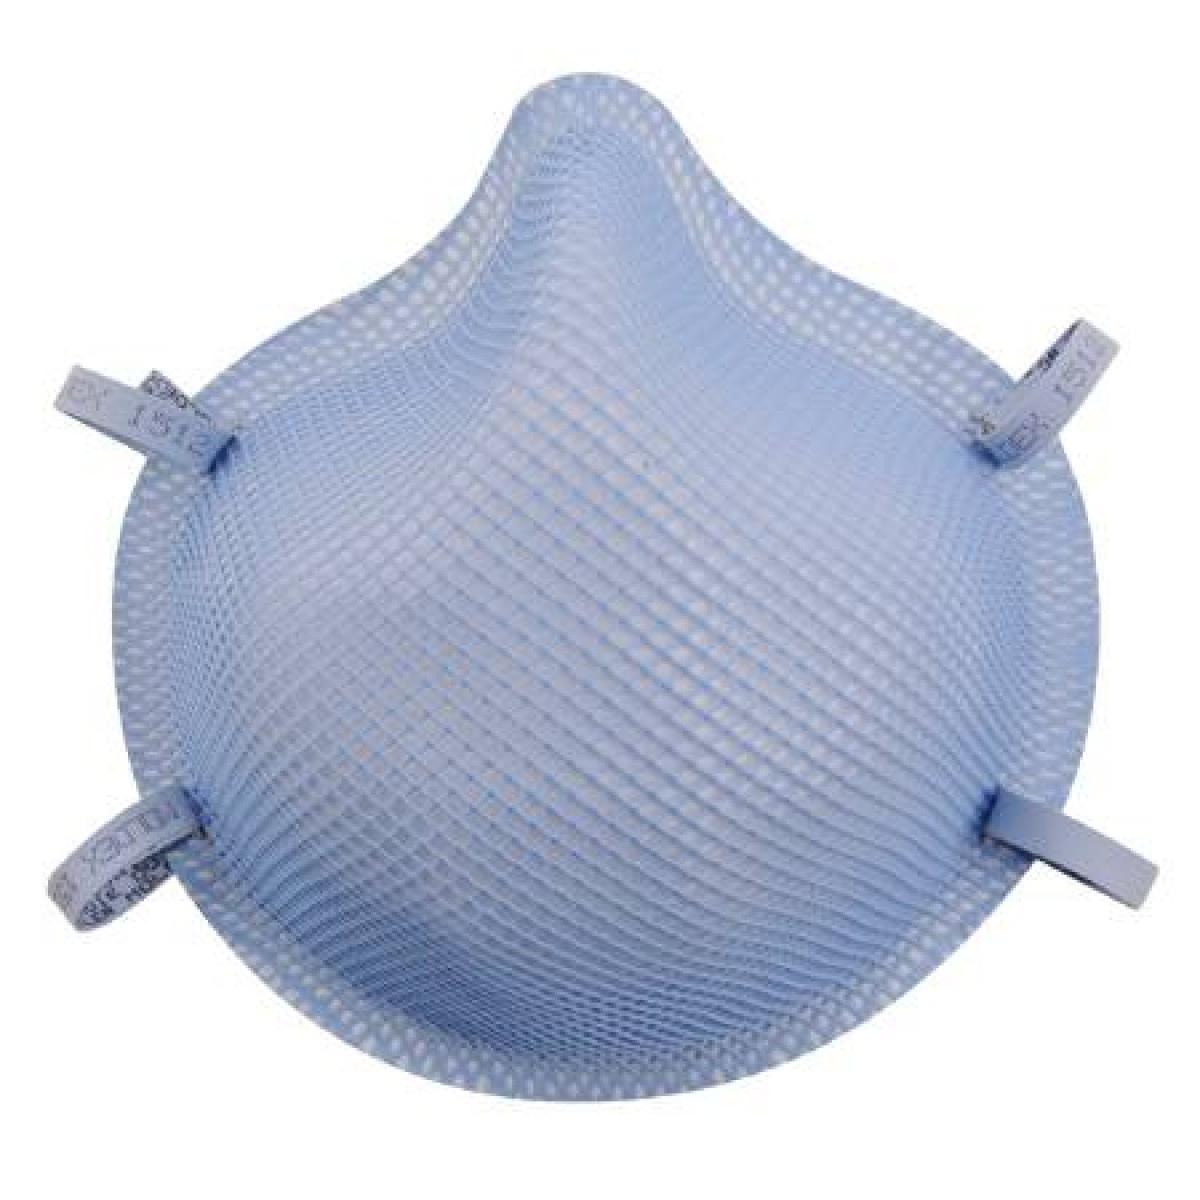 美国原装进口Moldex 1513 N95防PM2.5雾霾禽流感口罩 大号 - 安至康 - 健康之路